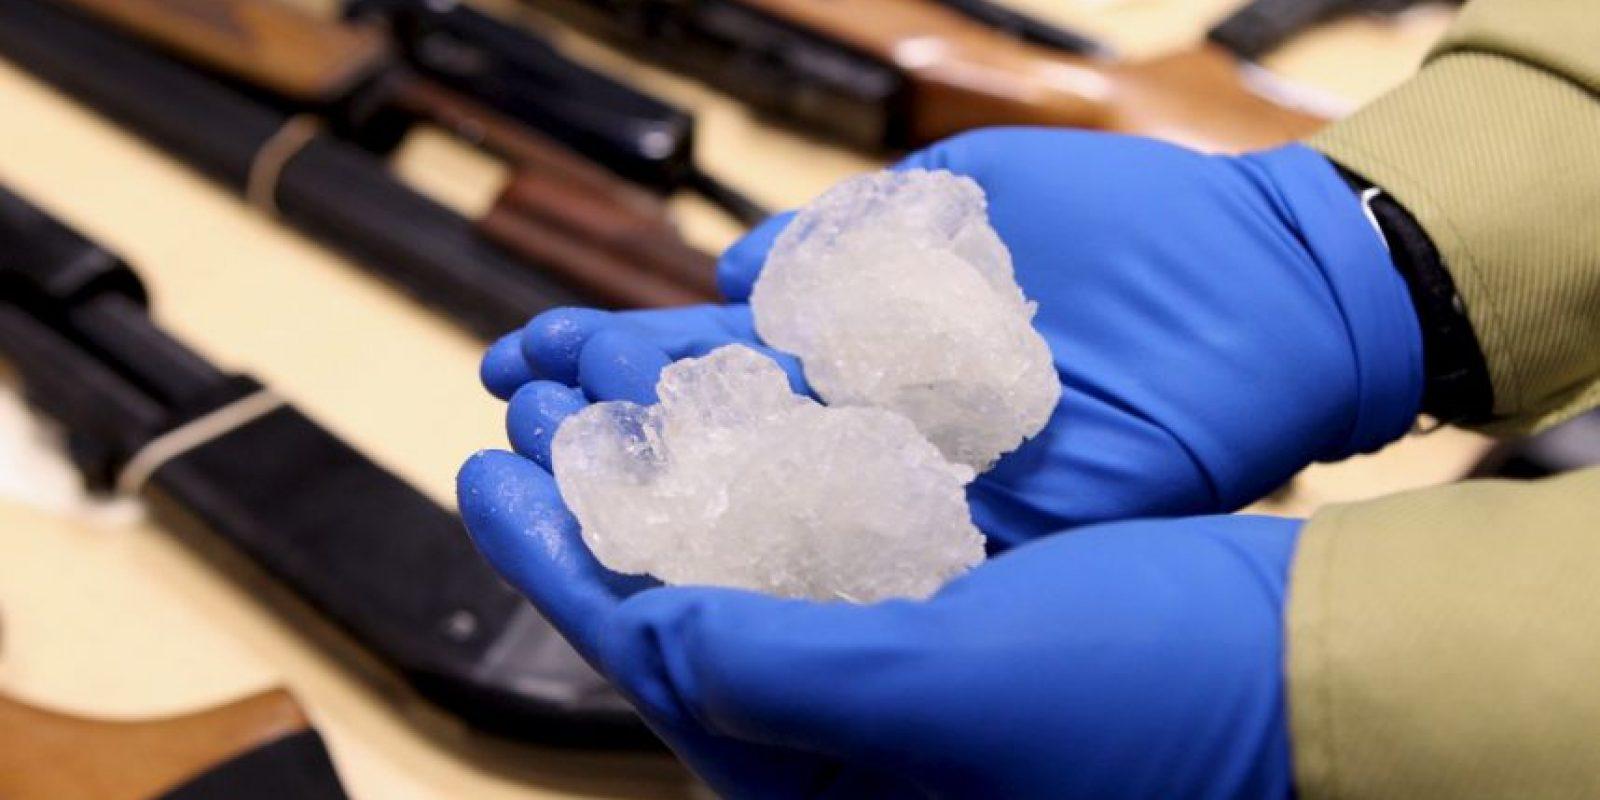 """La metanfetamina se conoce comúnmente como """"anfeta"""", """"meta"""" y """"tiza"""" en español Foto:Getty Images"""